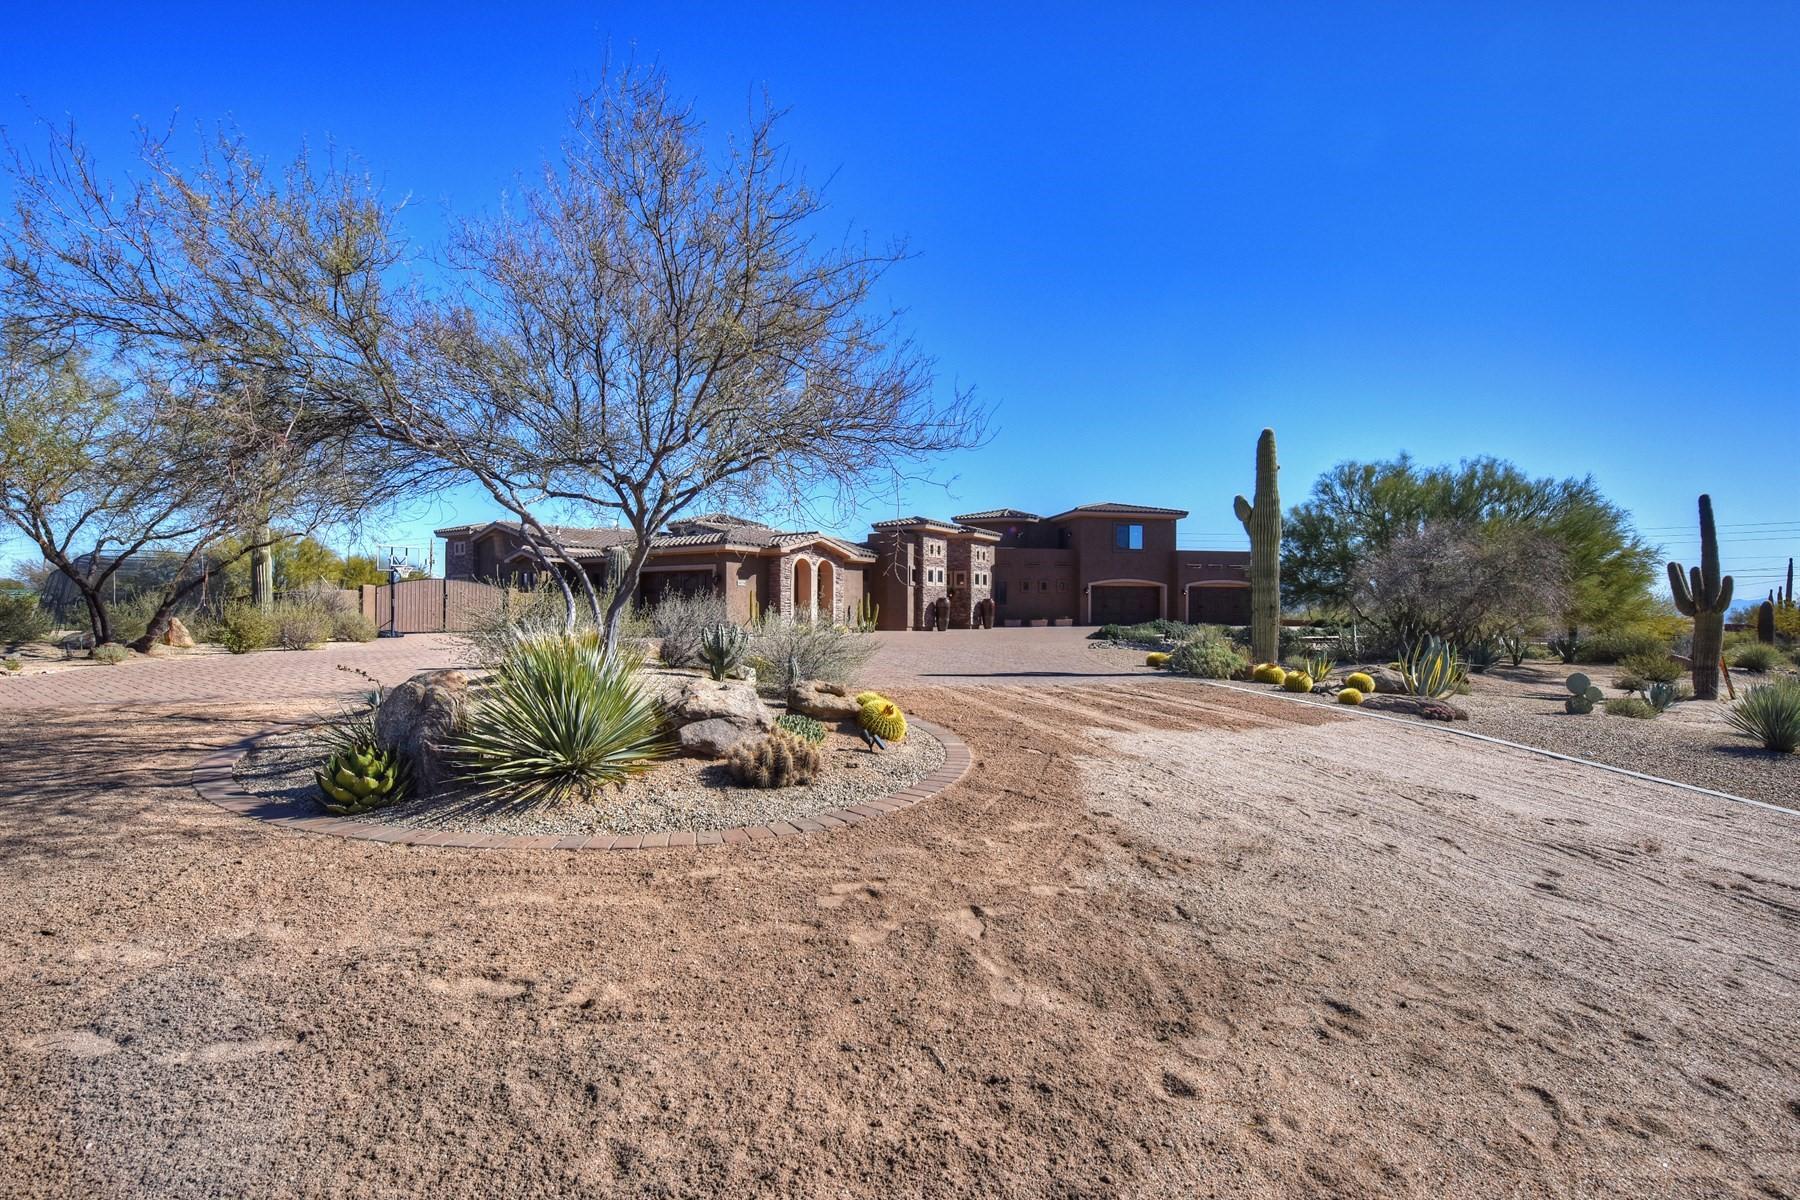 一戸建て のために 売買 アット Impeccably maintained home in the gated community of Granite Mountain Ranch 14334 E Windstone Trl Scottsdale, アリゾナ, 85262 アメリカ合衆国